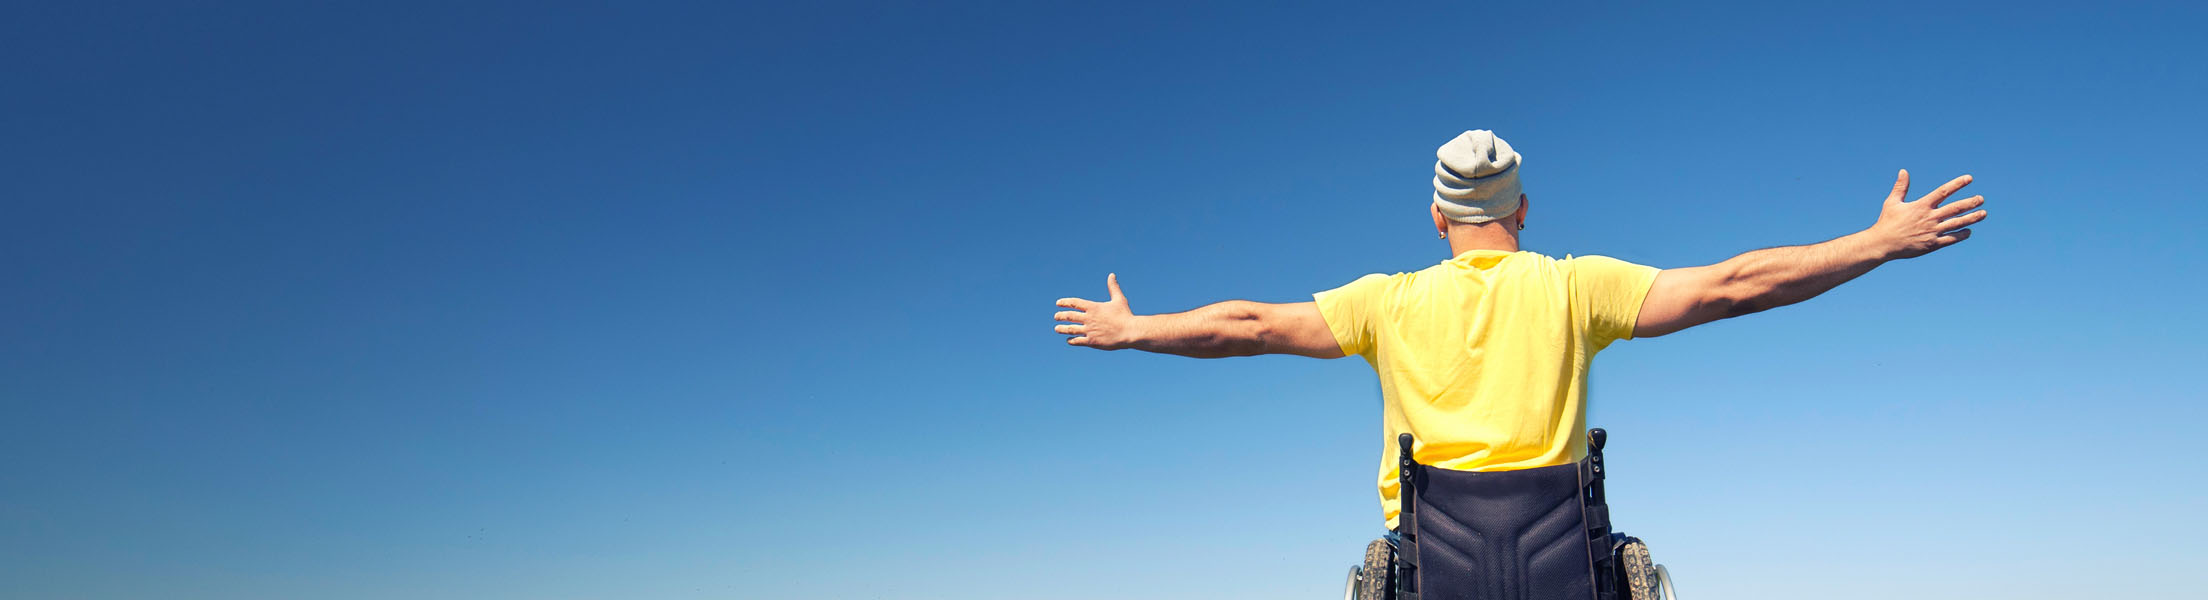 Mann im Rollstuhl (Ansicht von Rückseite) mit ausgestreckten Armen an Tag mit strahlend blauem Himmel.